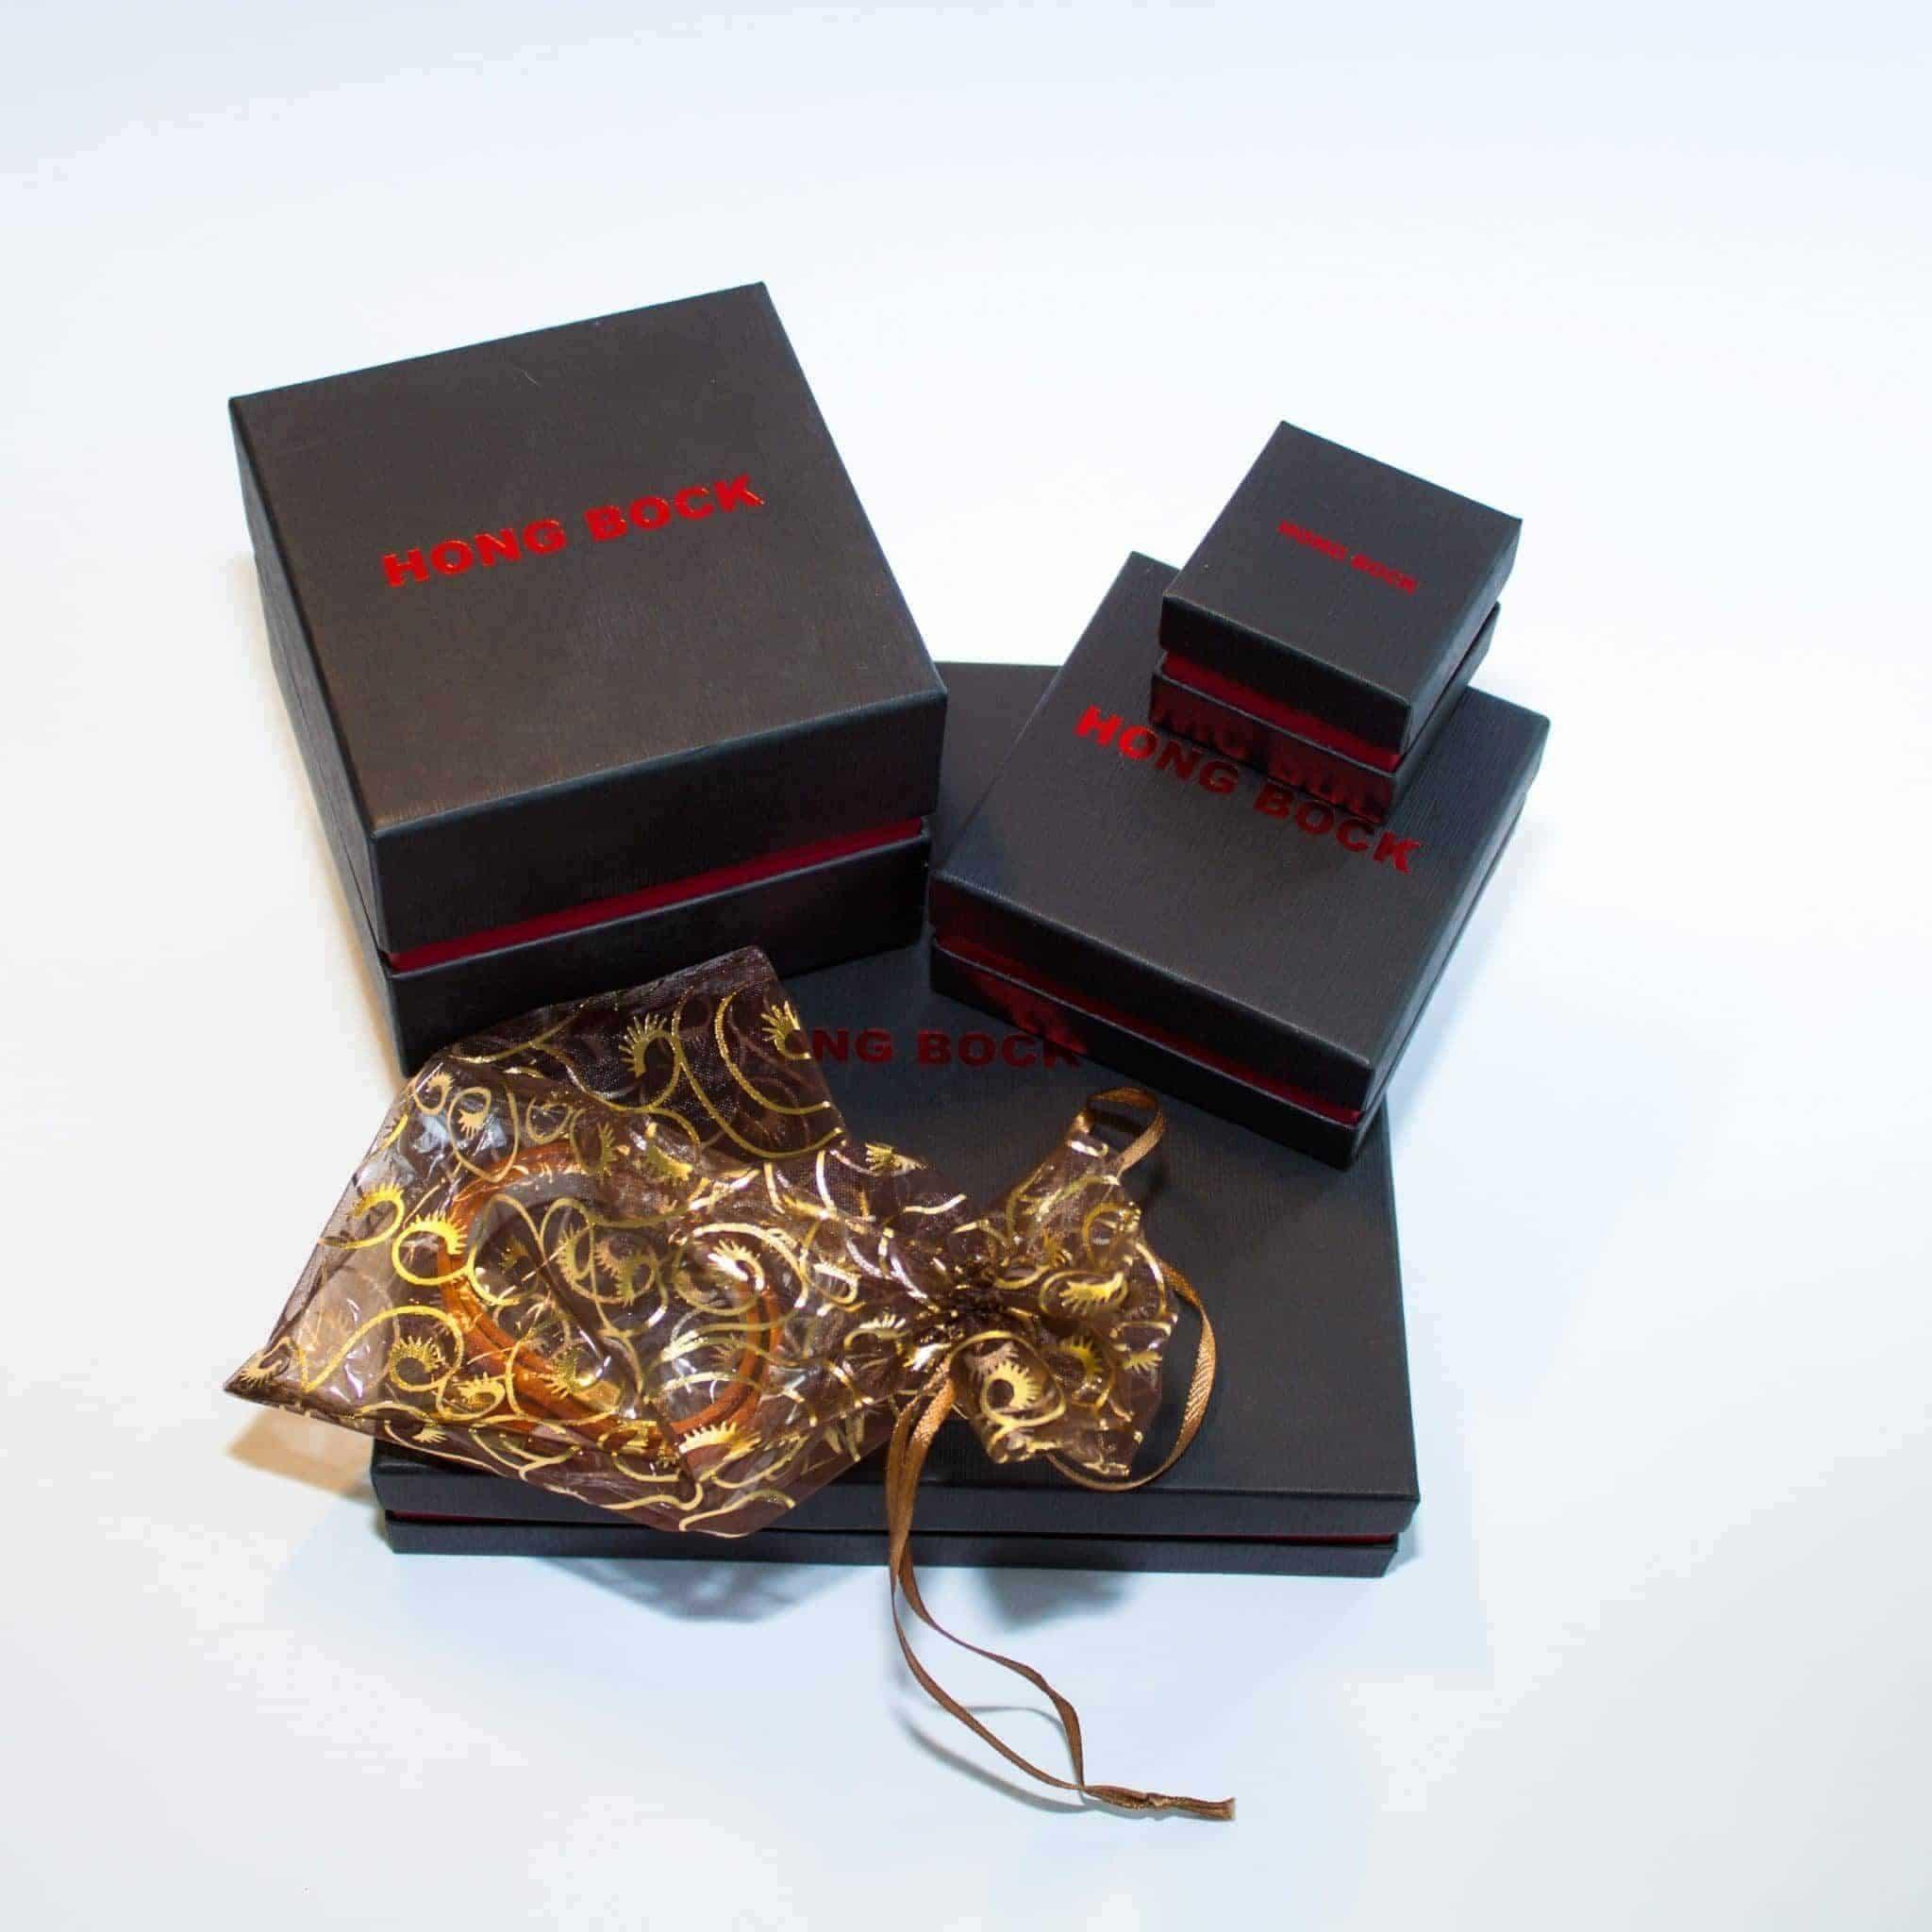 HONG BOCK-Design - Ensemble bestehend aus 2 reihiger Süßwasser-Barockperlenkette und Armband in weiß, dunkelgrau und gold-2459